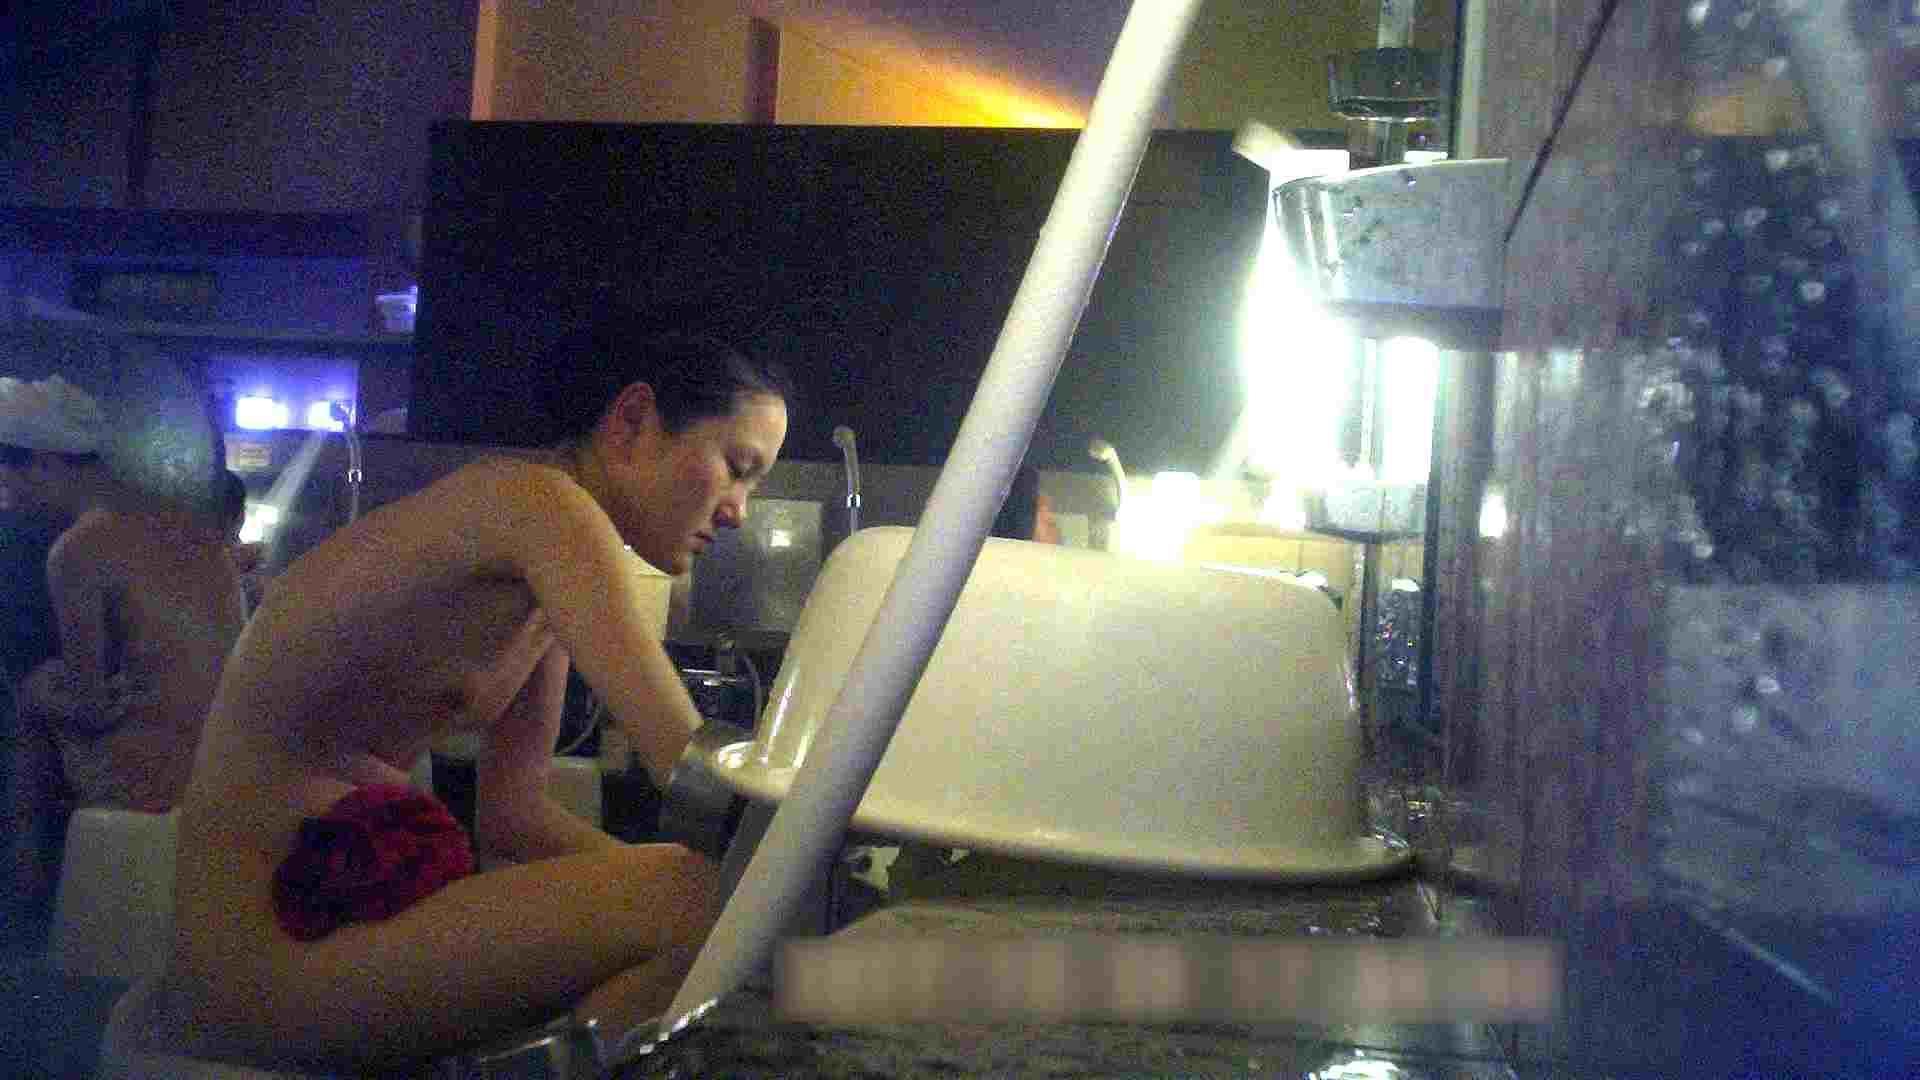 TG.06 【二等兵】スレンダー奥様の可愛い微乳 女風呂ハメ撮り | 潜入エロ調査  75連発 14